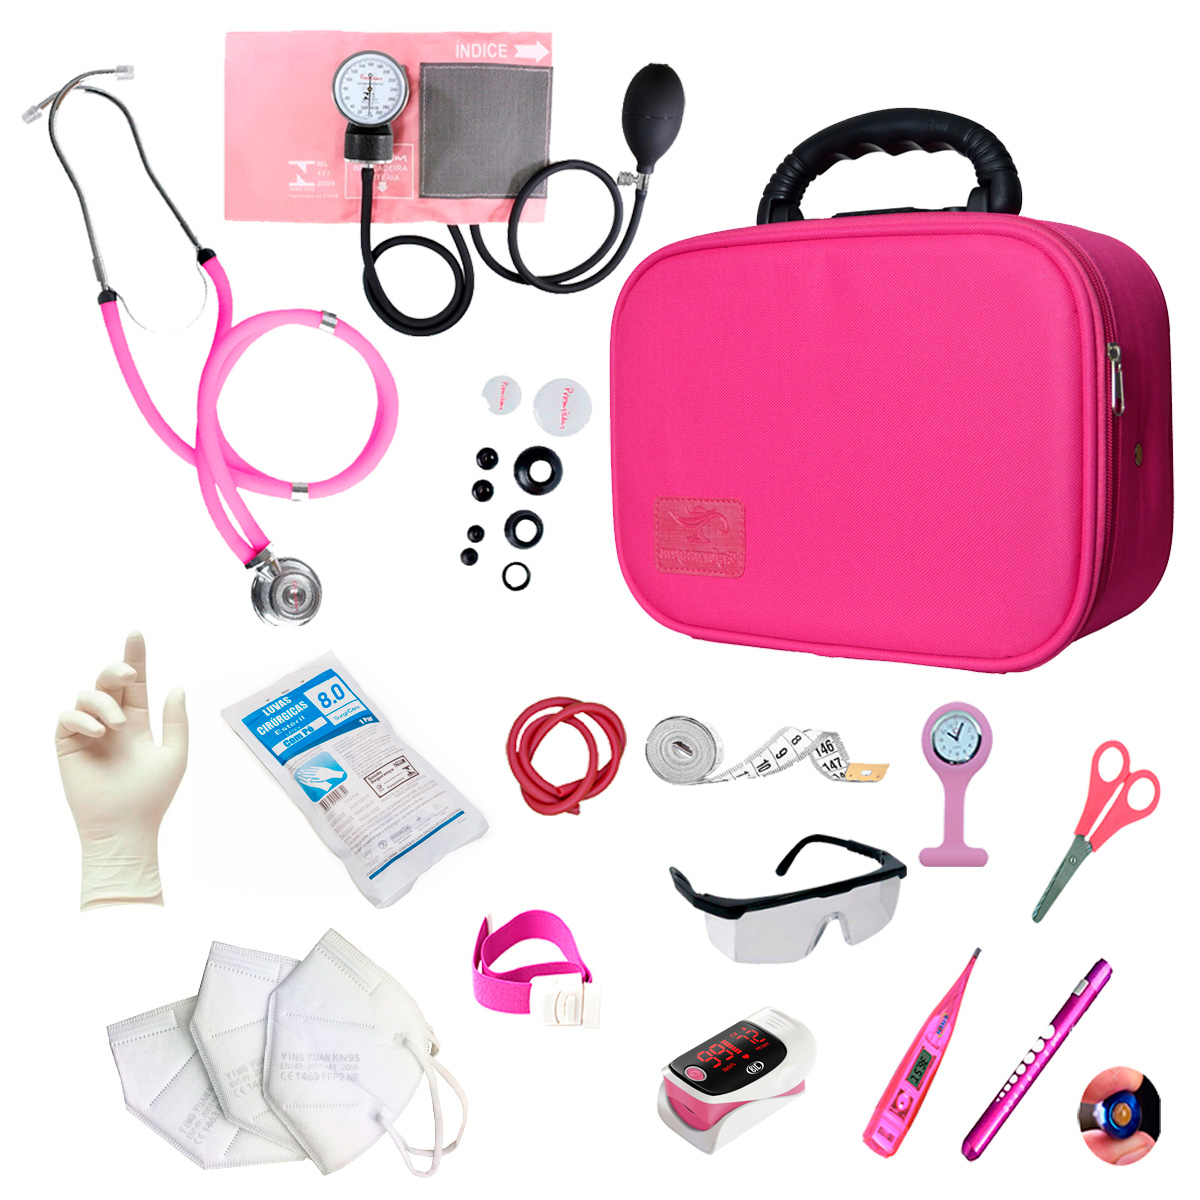 Kit Enfermagem Completo Com Oxímetro E Maleta Acadêmica Luxo Cor:Pink